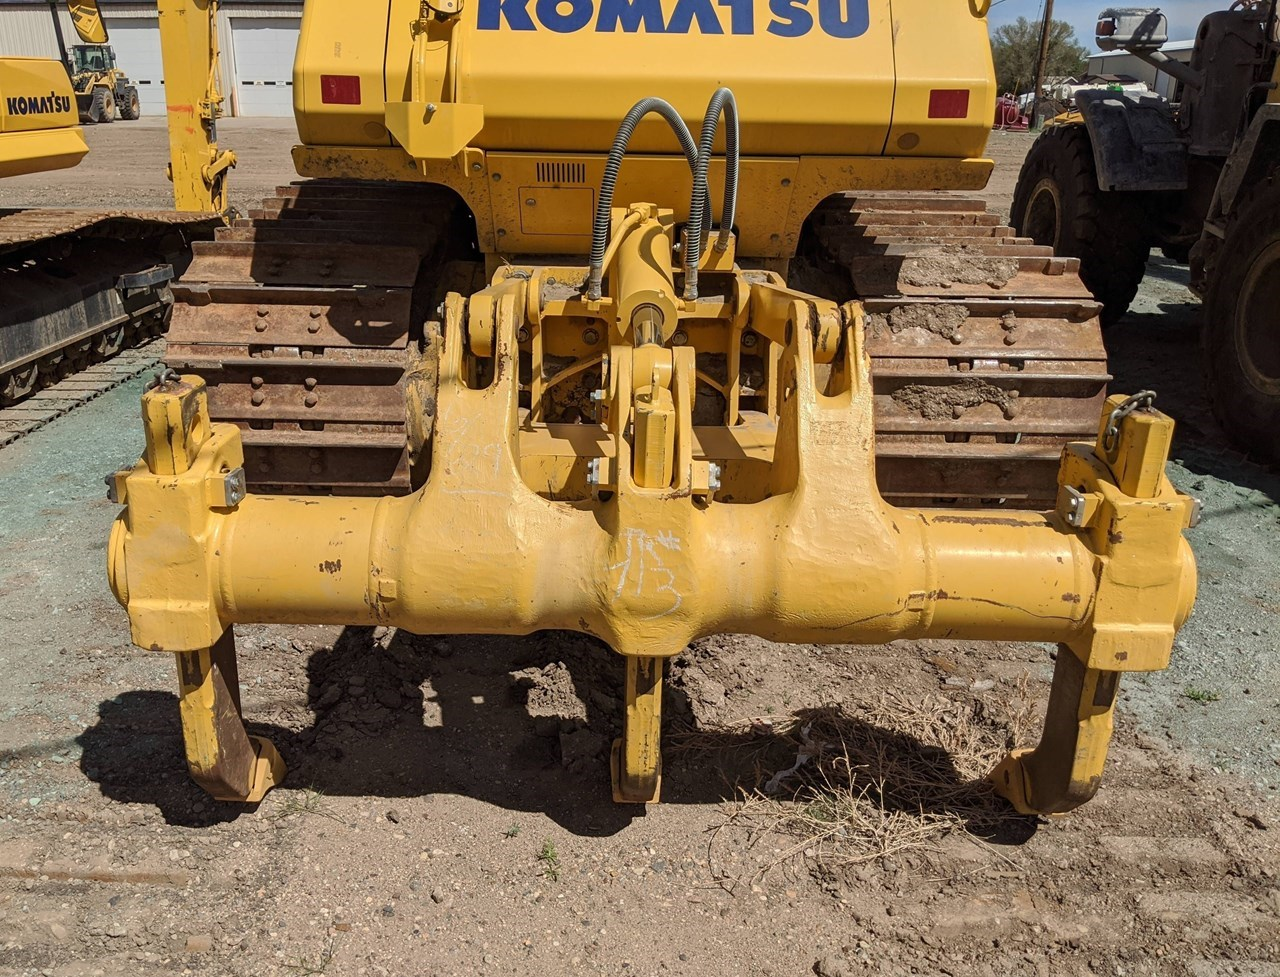 2018 Komatsu D65-RIPPER Crawler Tractor Attachment For Sale